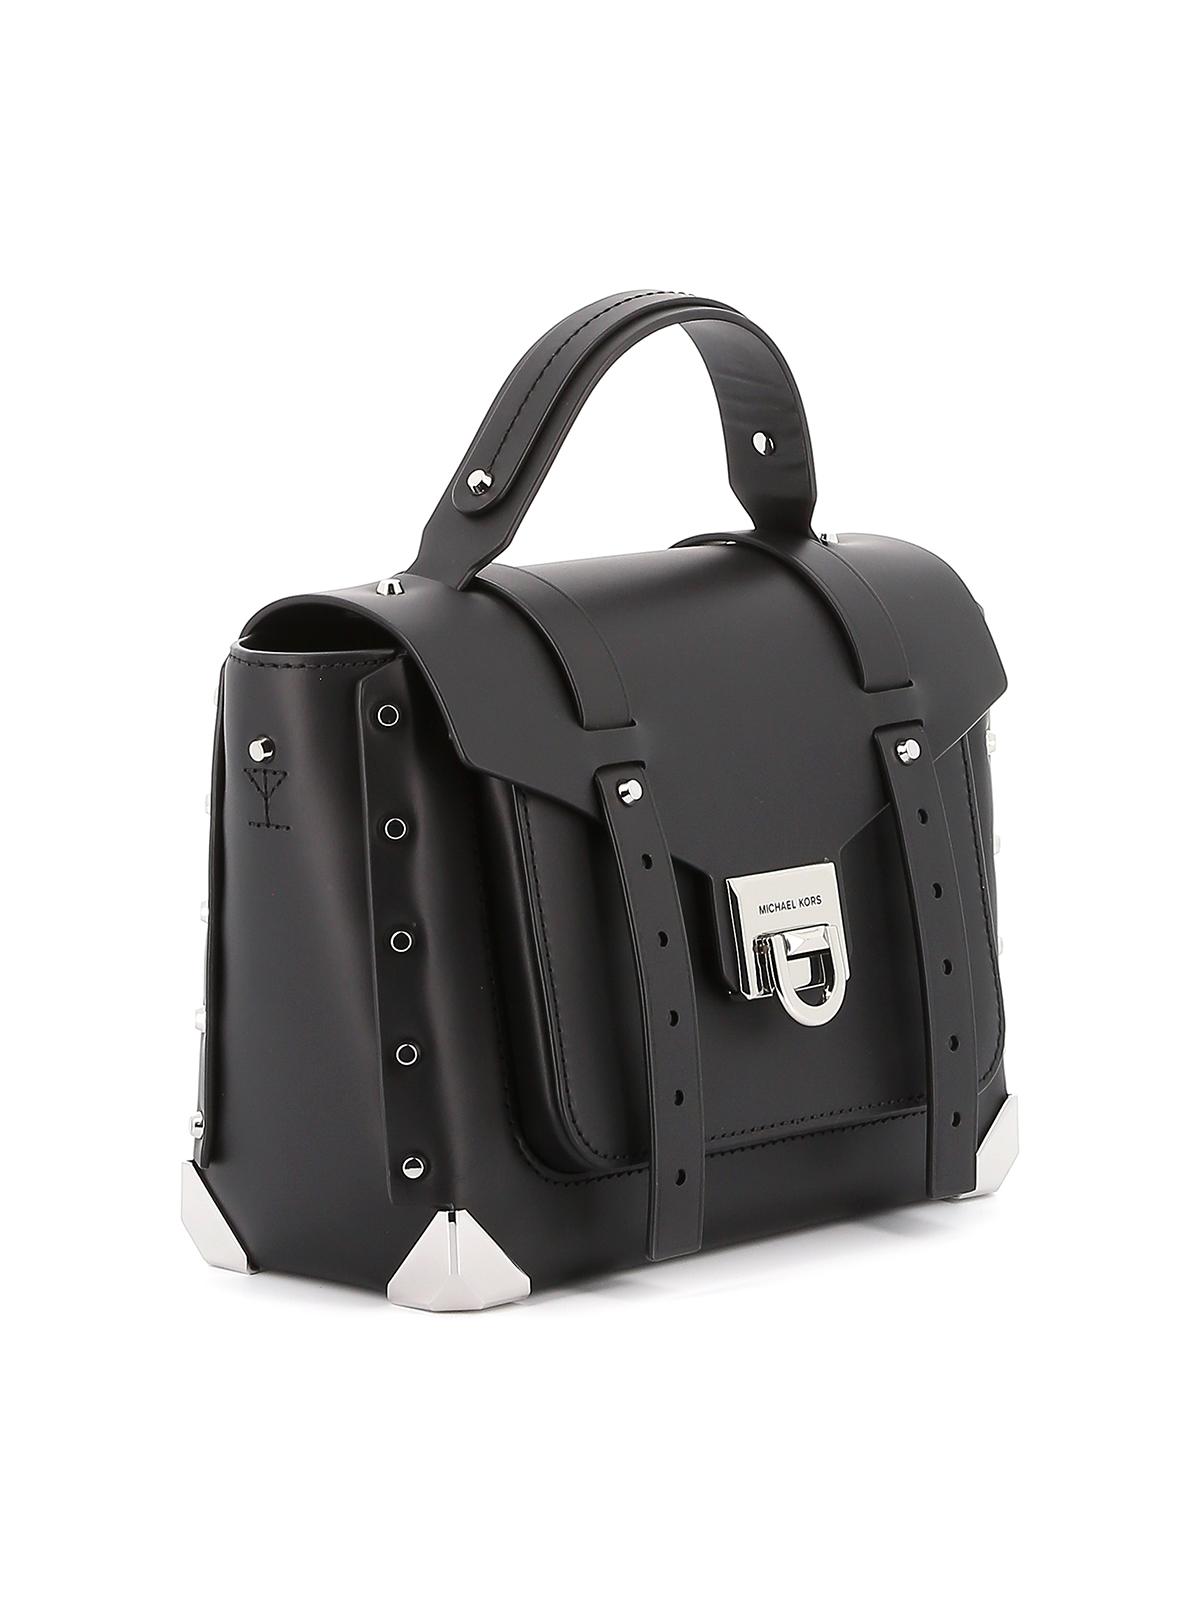 Manhattan medium black satchel bag